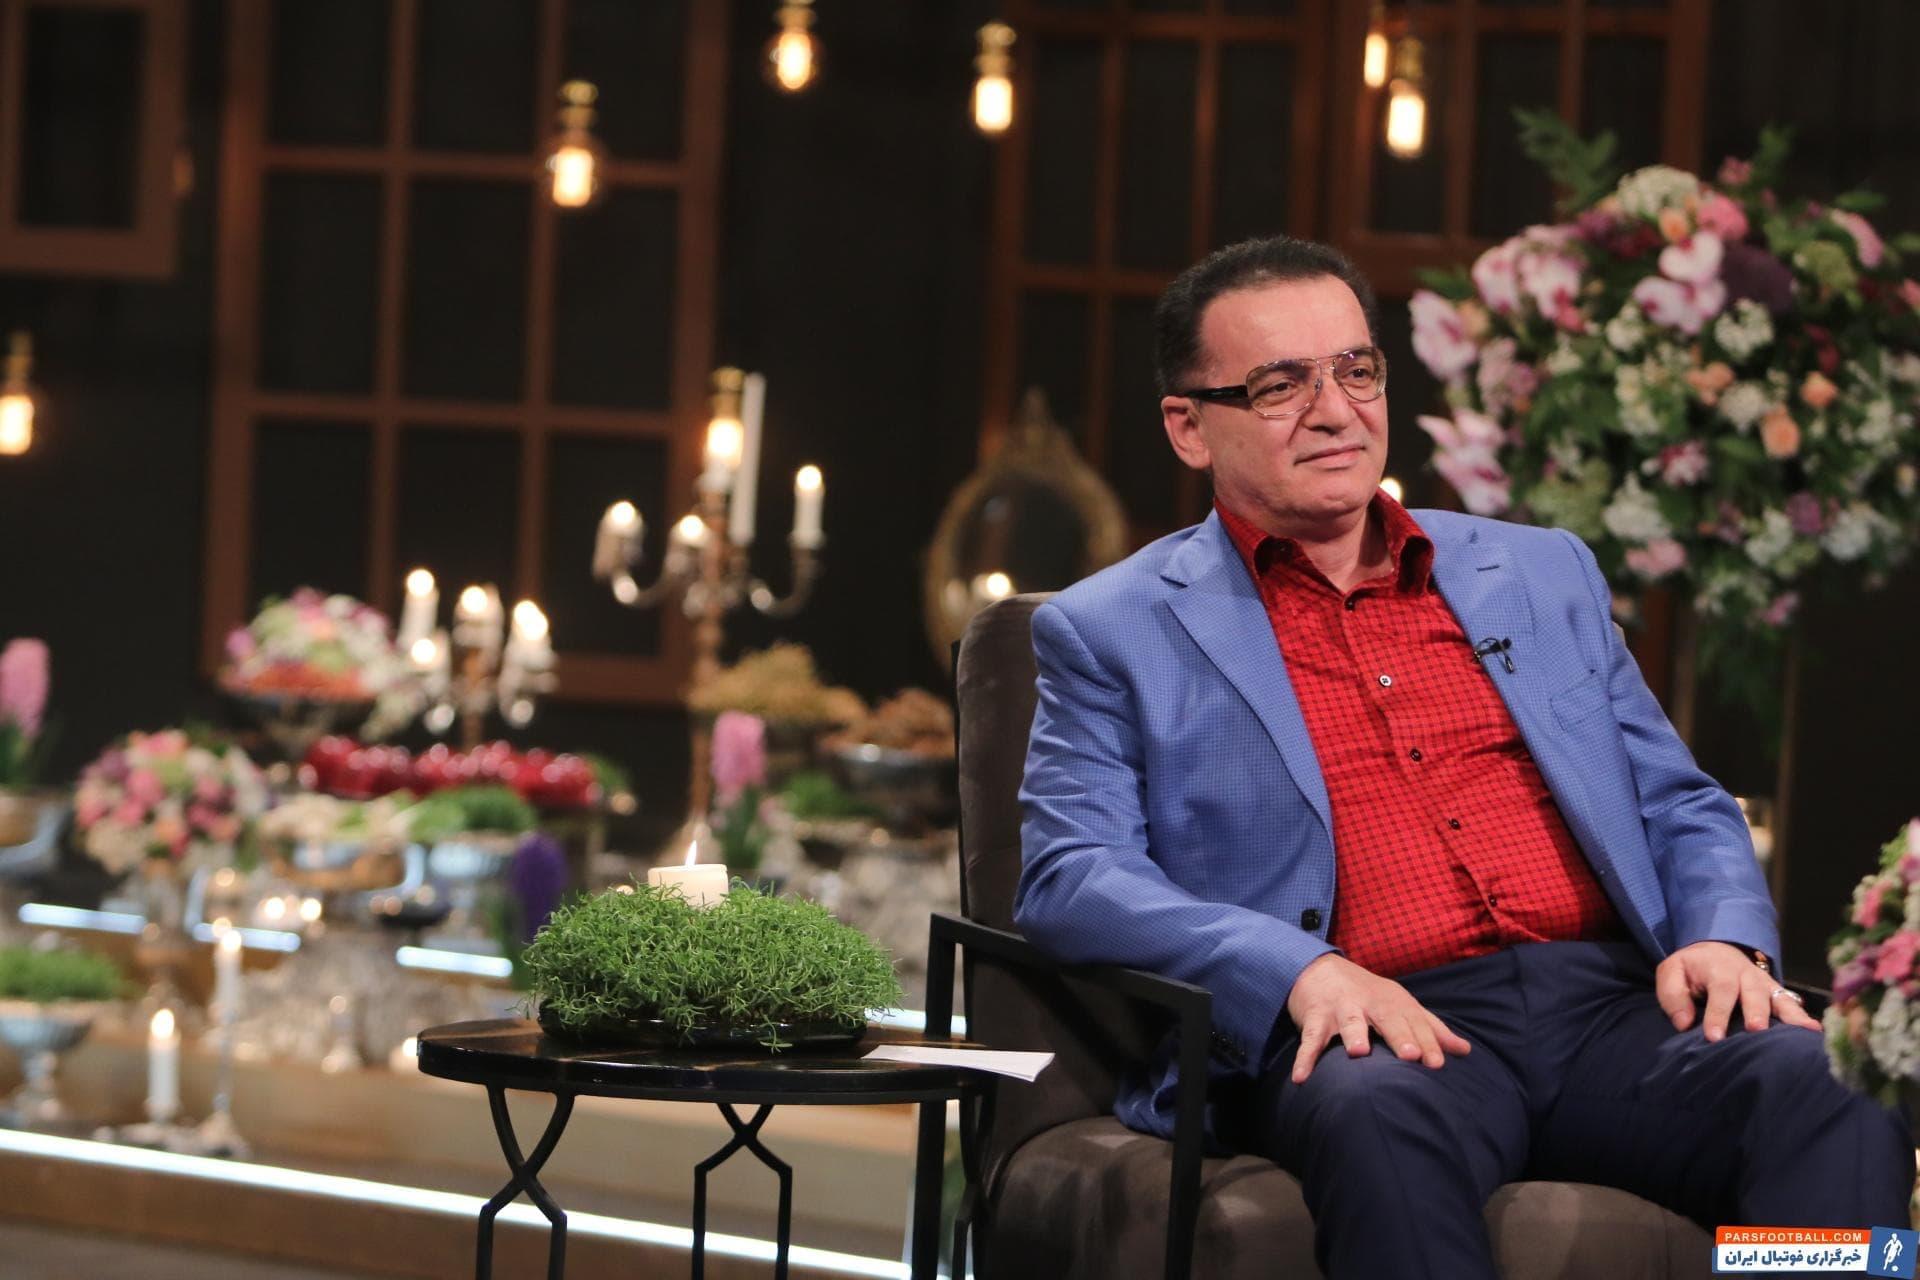 محمدرضا زنوزی : در سال 99 قهرمانی جام حذفی را برای شما به ارمغان می آوریم